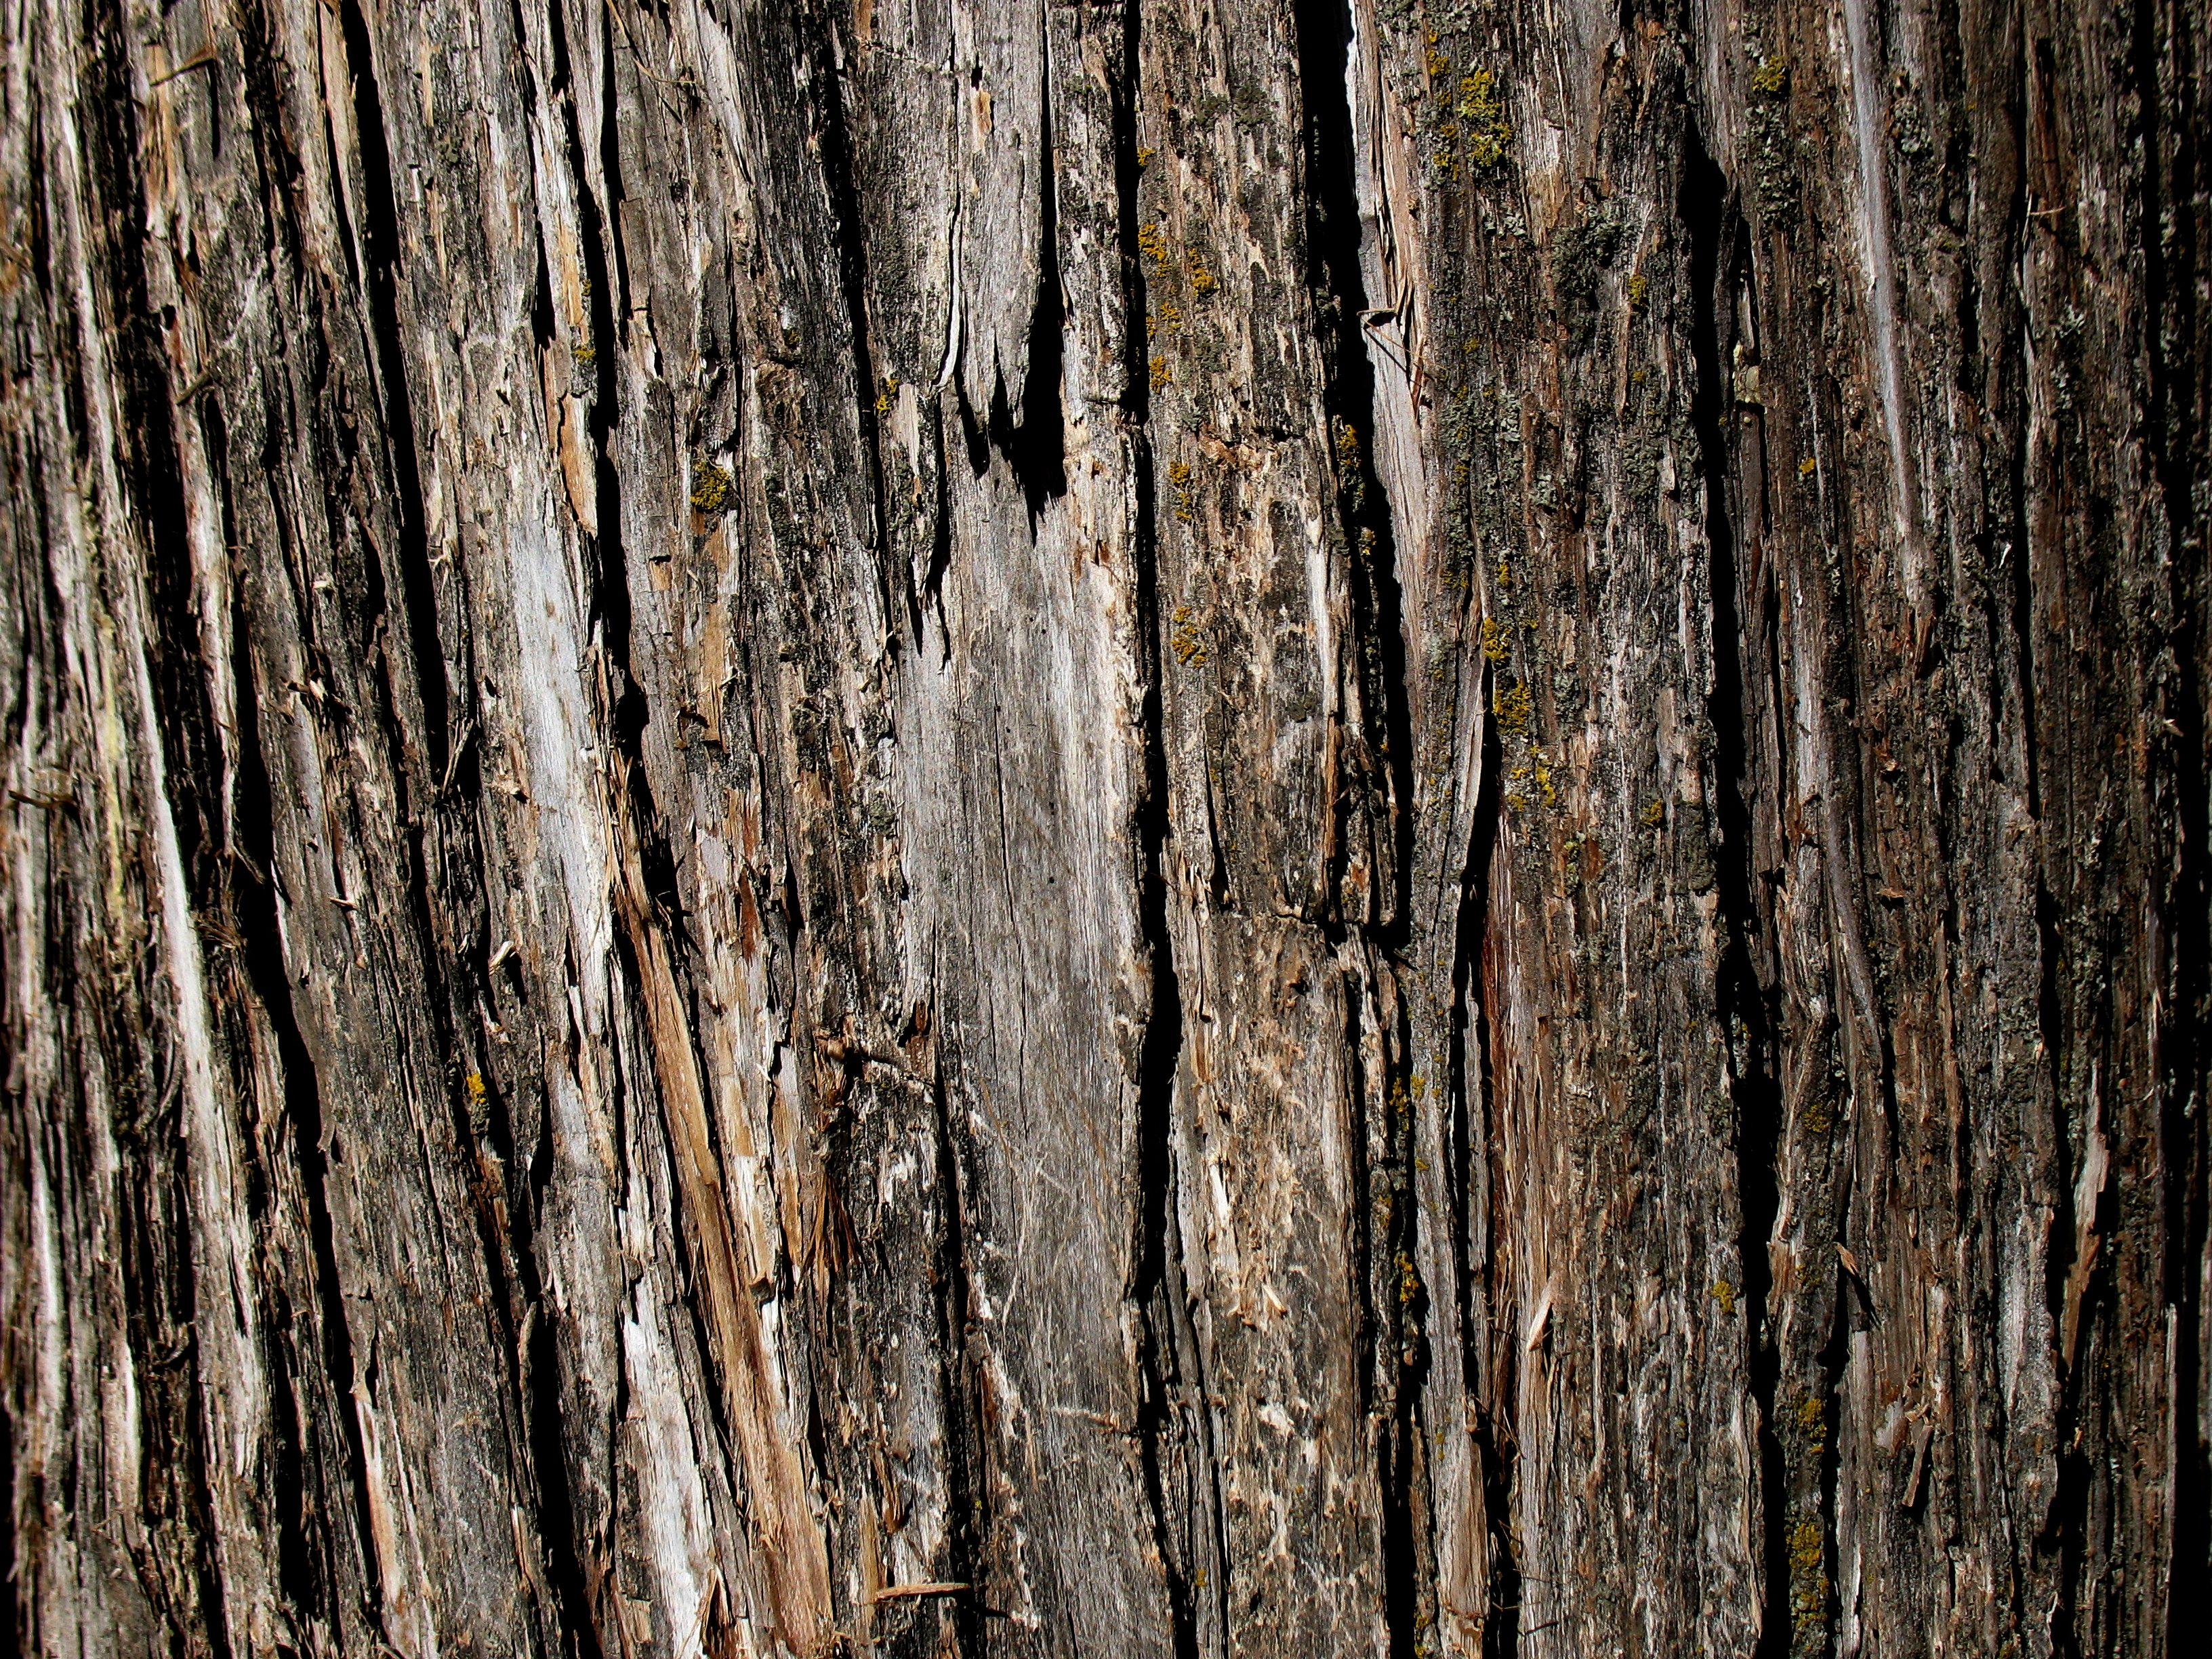 Tree Bark Google Search Casca De Madeira De Madeira Botanica